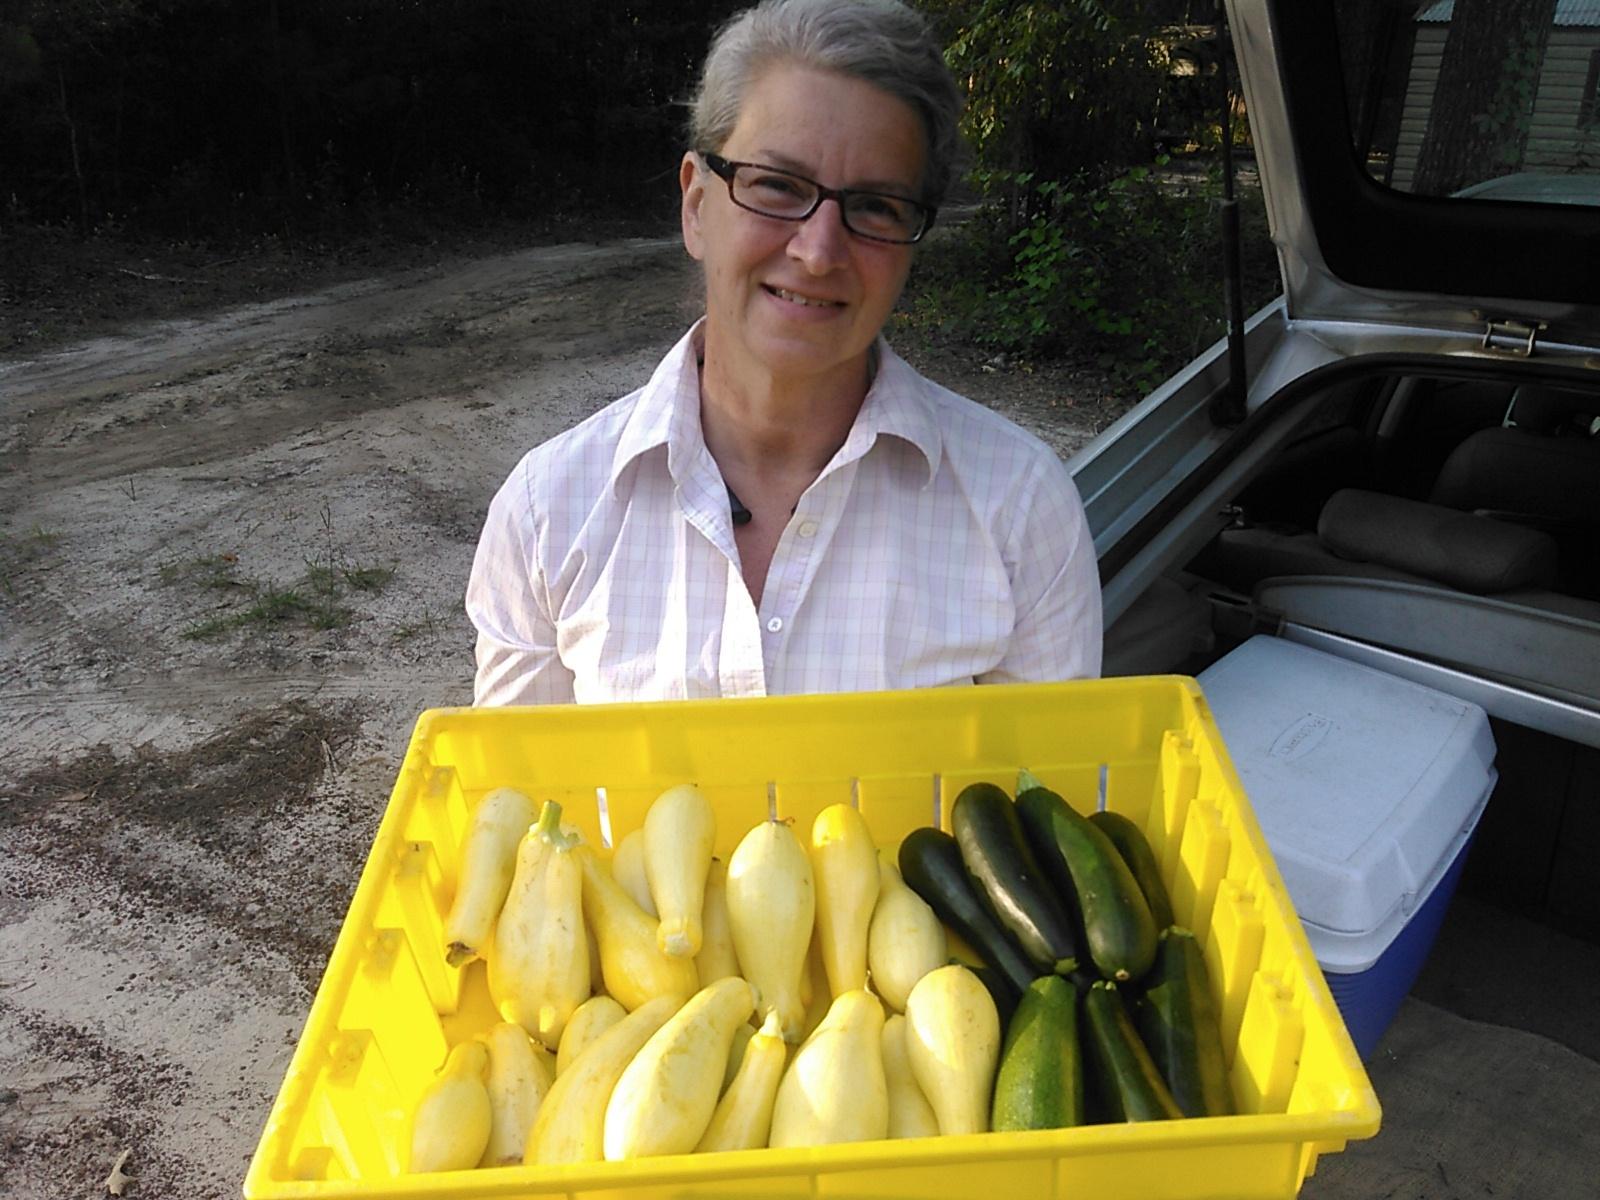 1600x1200 Yellow squash and zuchinni, in Squash, zucchini, and rosemary, by John S. Quarterman, 28 May 2016